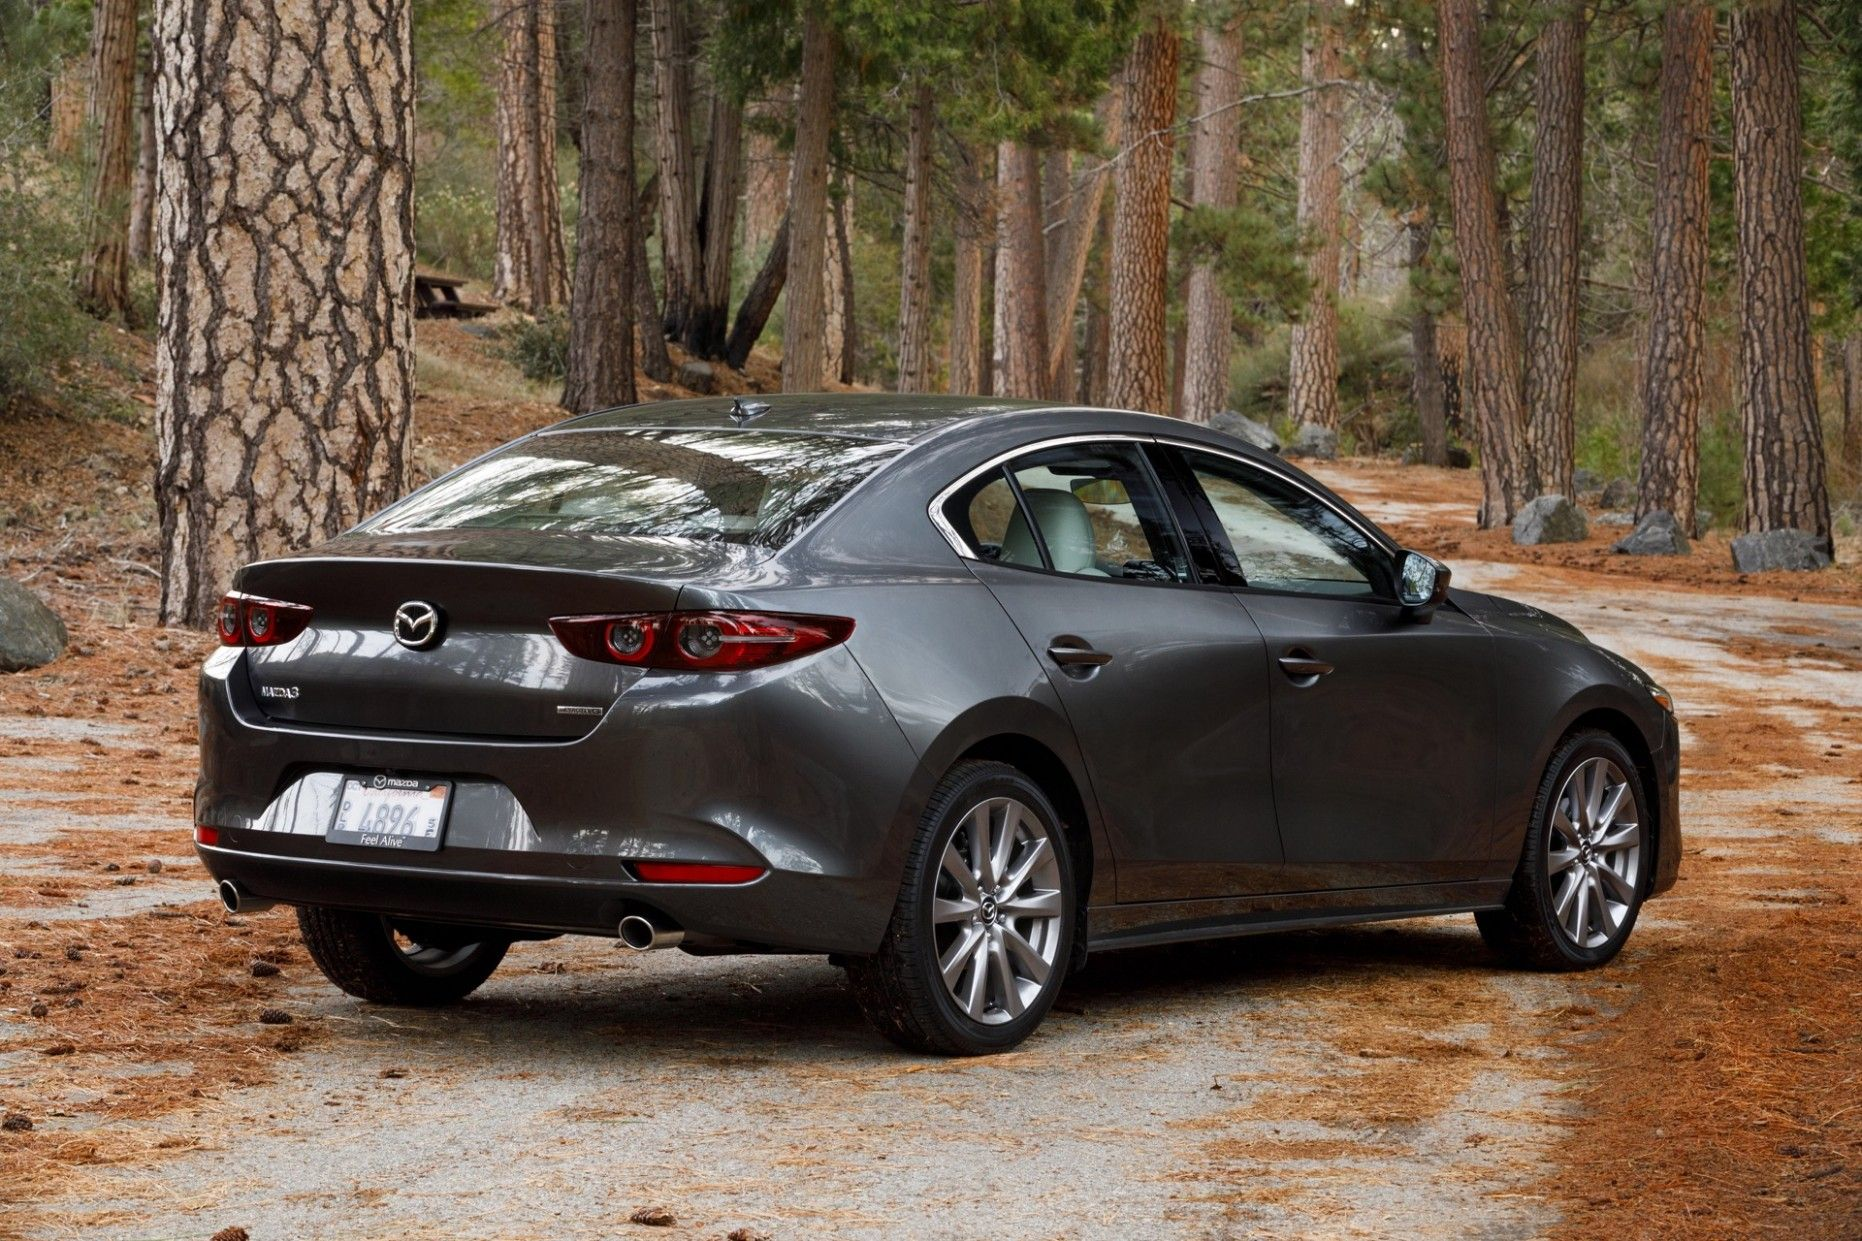 2020 Mazdaspeed 3 Release Date And Concept Mazda Mazda3 Mazda Mazda Protege